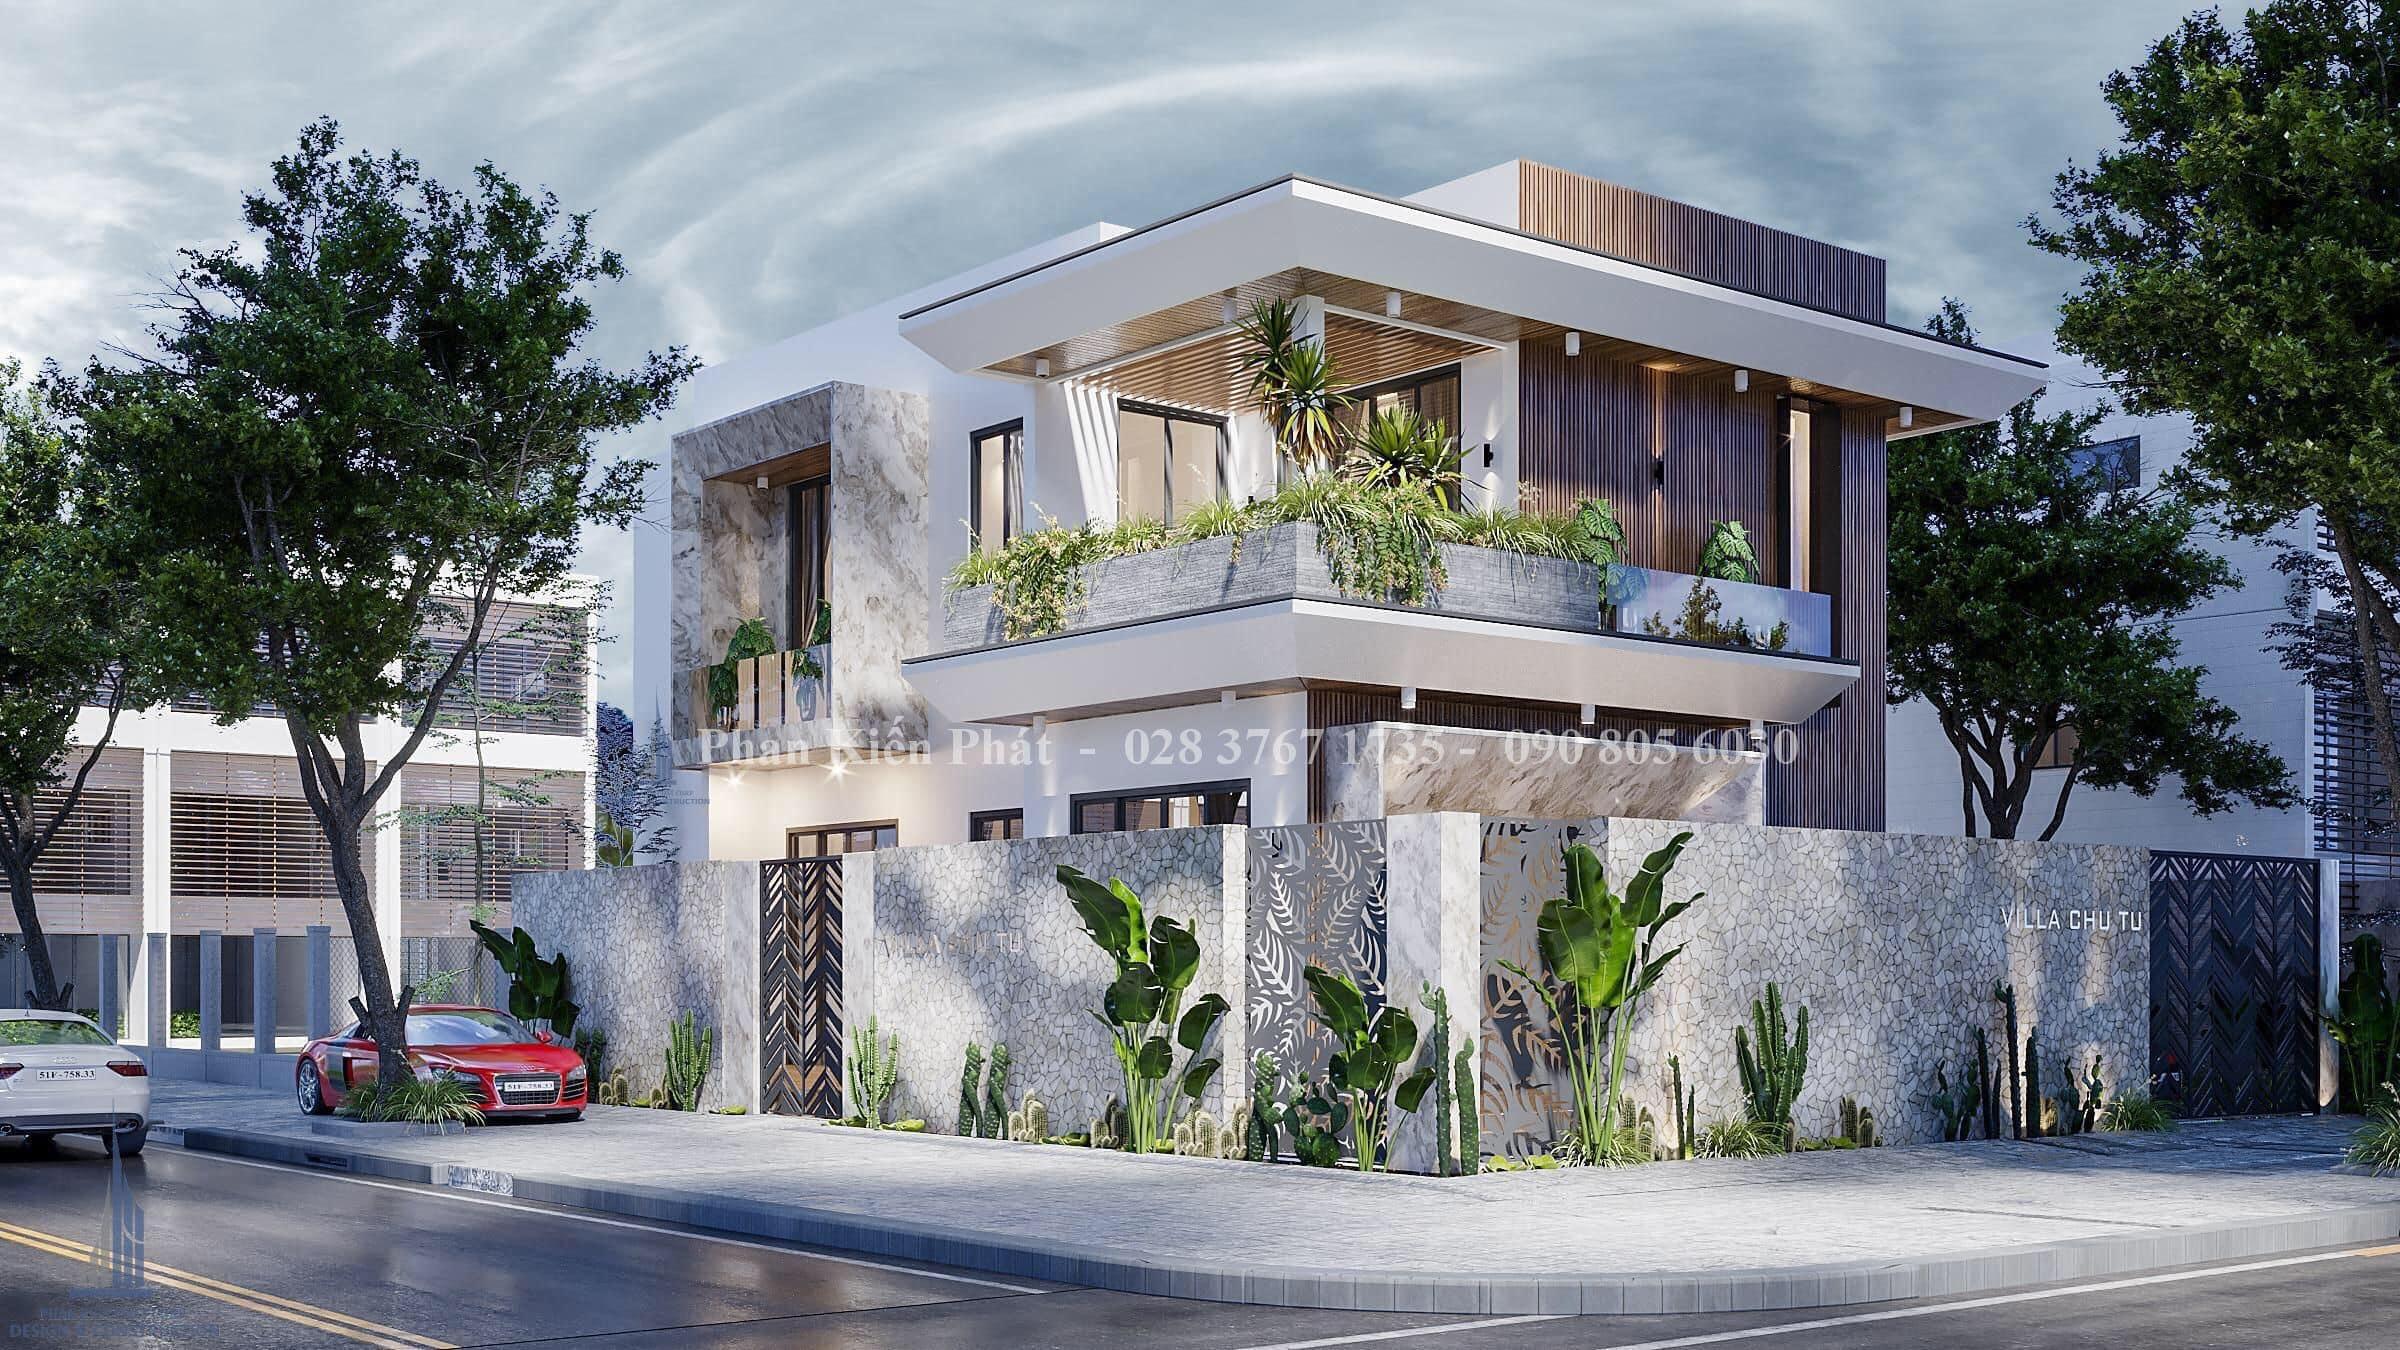 Biet Thu Vuon 2 Tang Dep Phan Thiet 3 - mẫu biệt thự 2 tầng